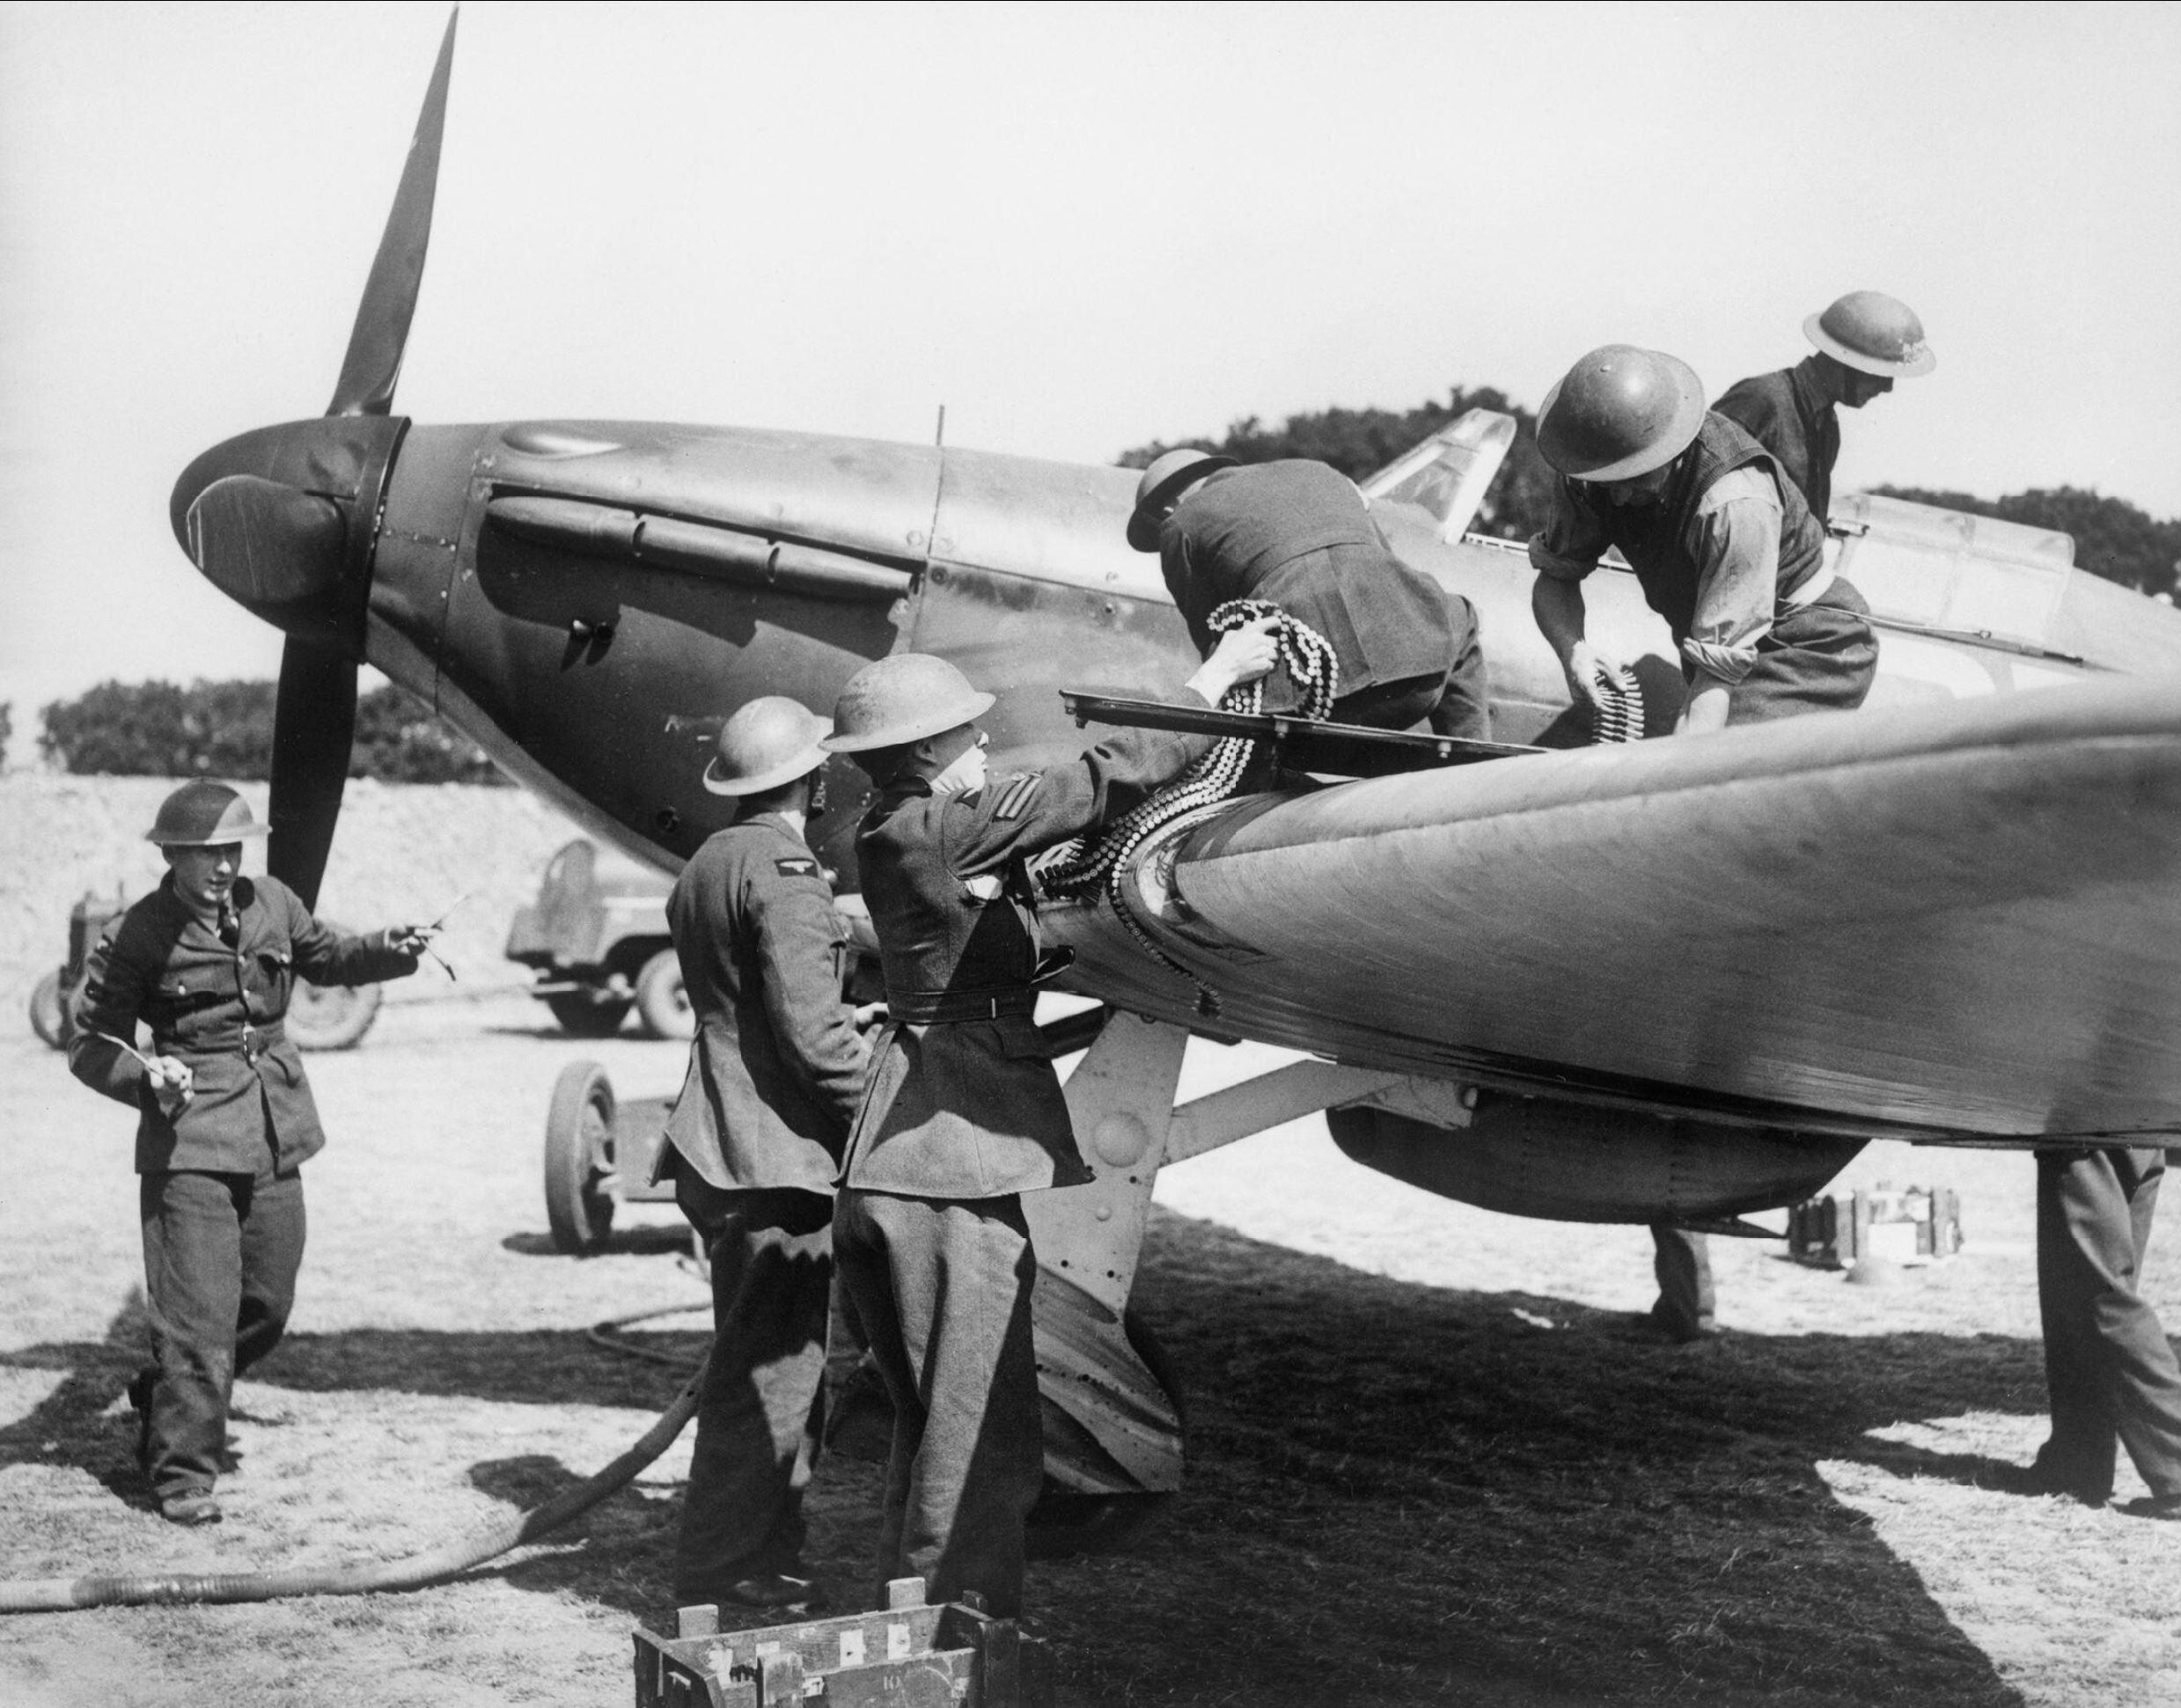 Hurricane I RAF 32Sqn GZ being rearmed at RAF Hawkinge 1940 IWM HU54515